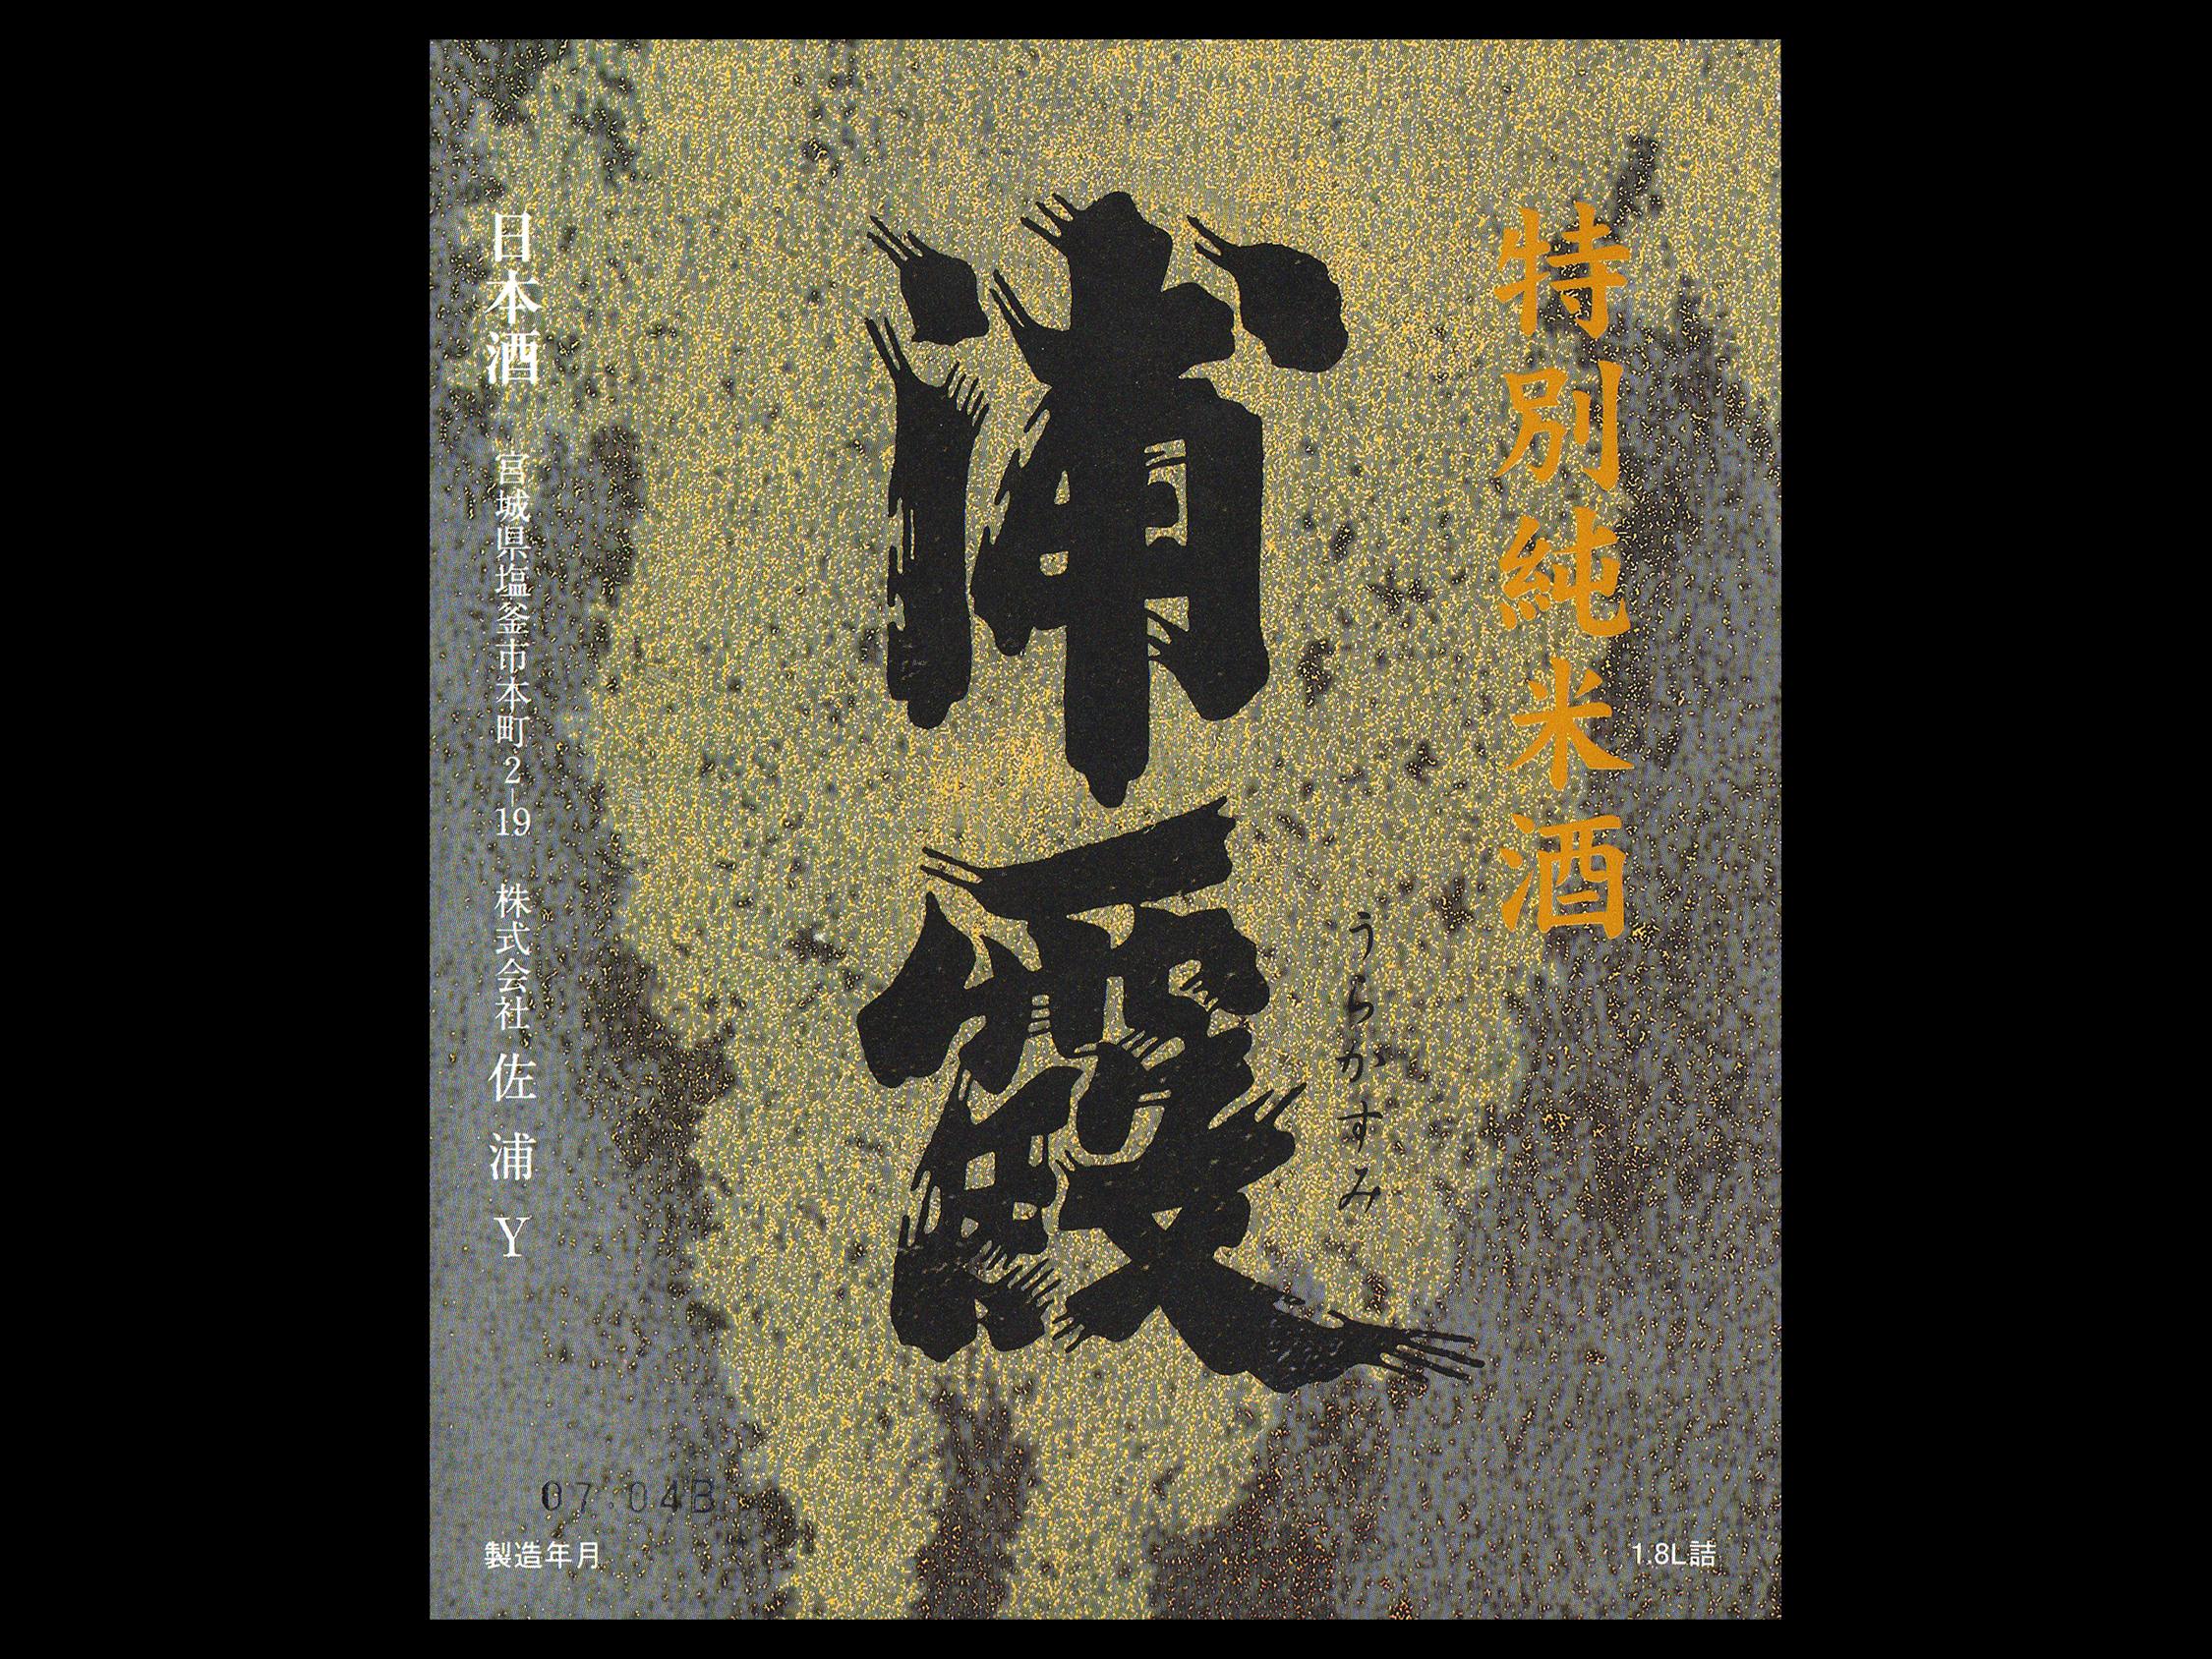 浦霞(うらかすみ)「特別純米」ラベル